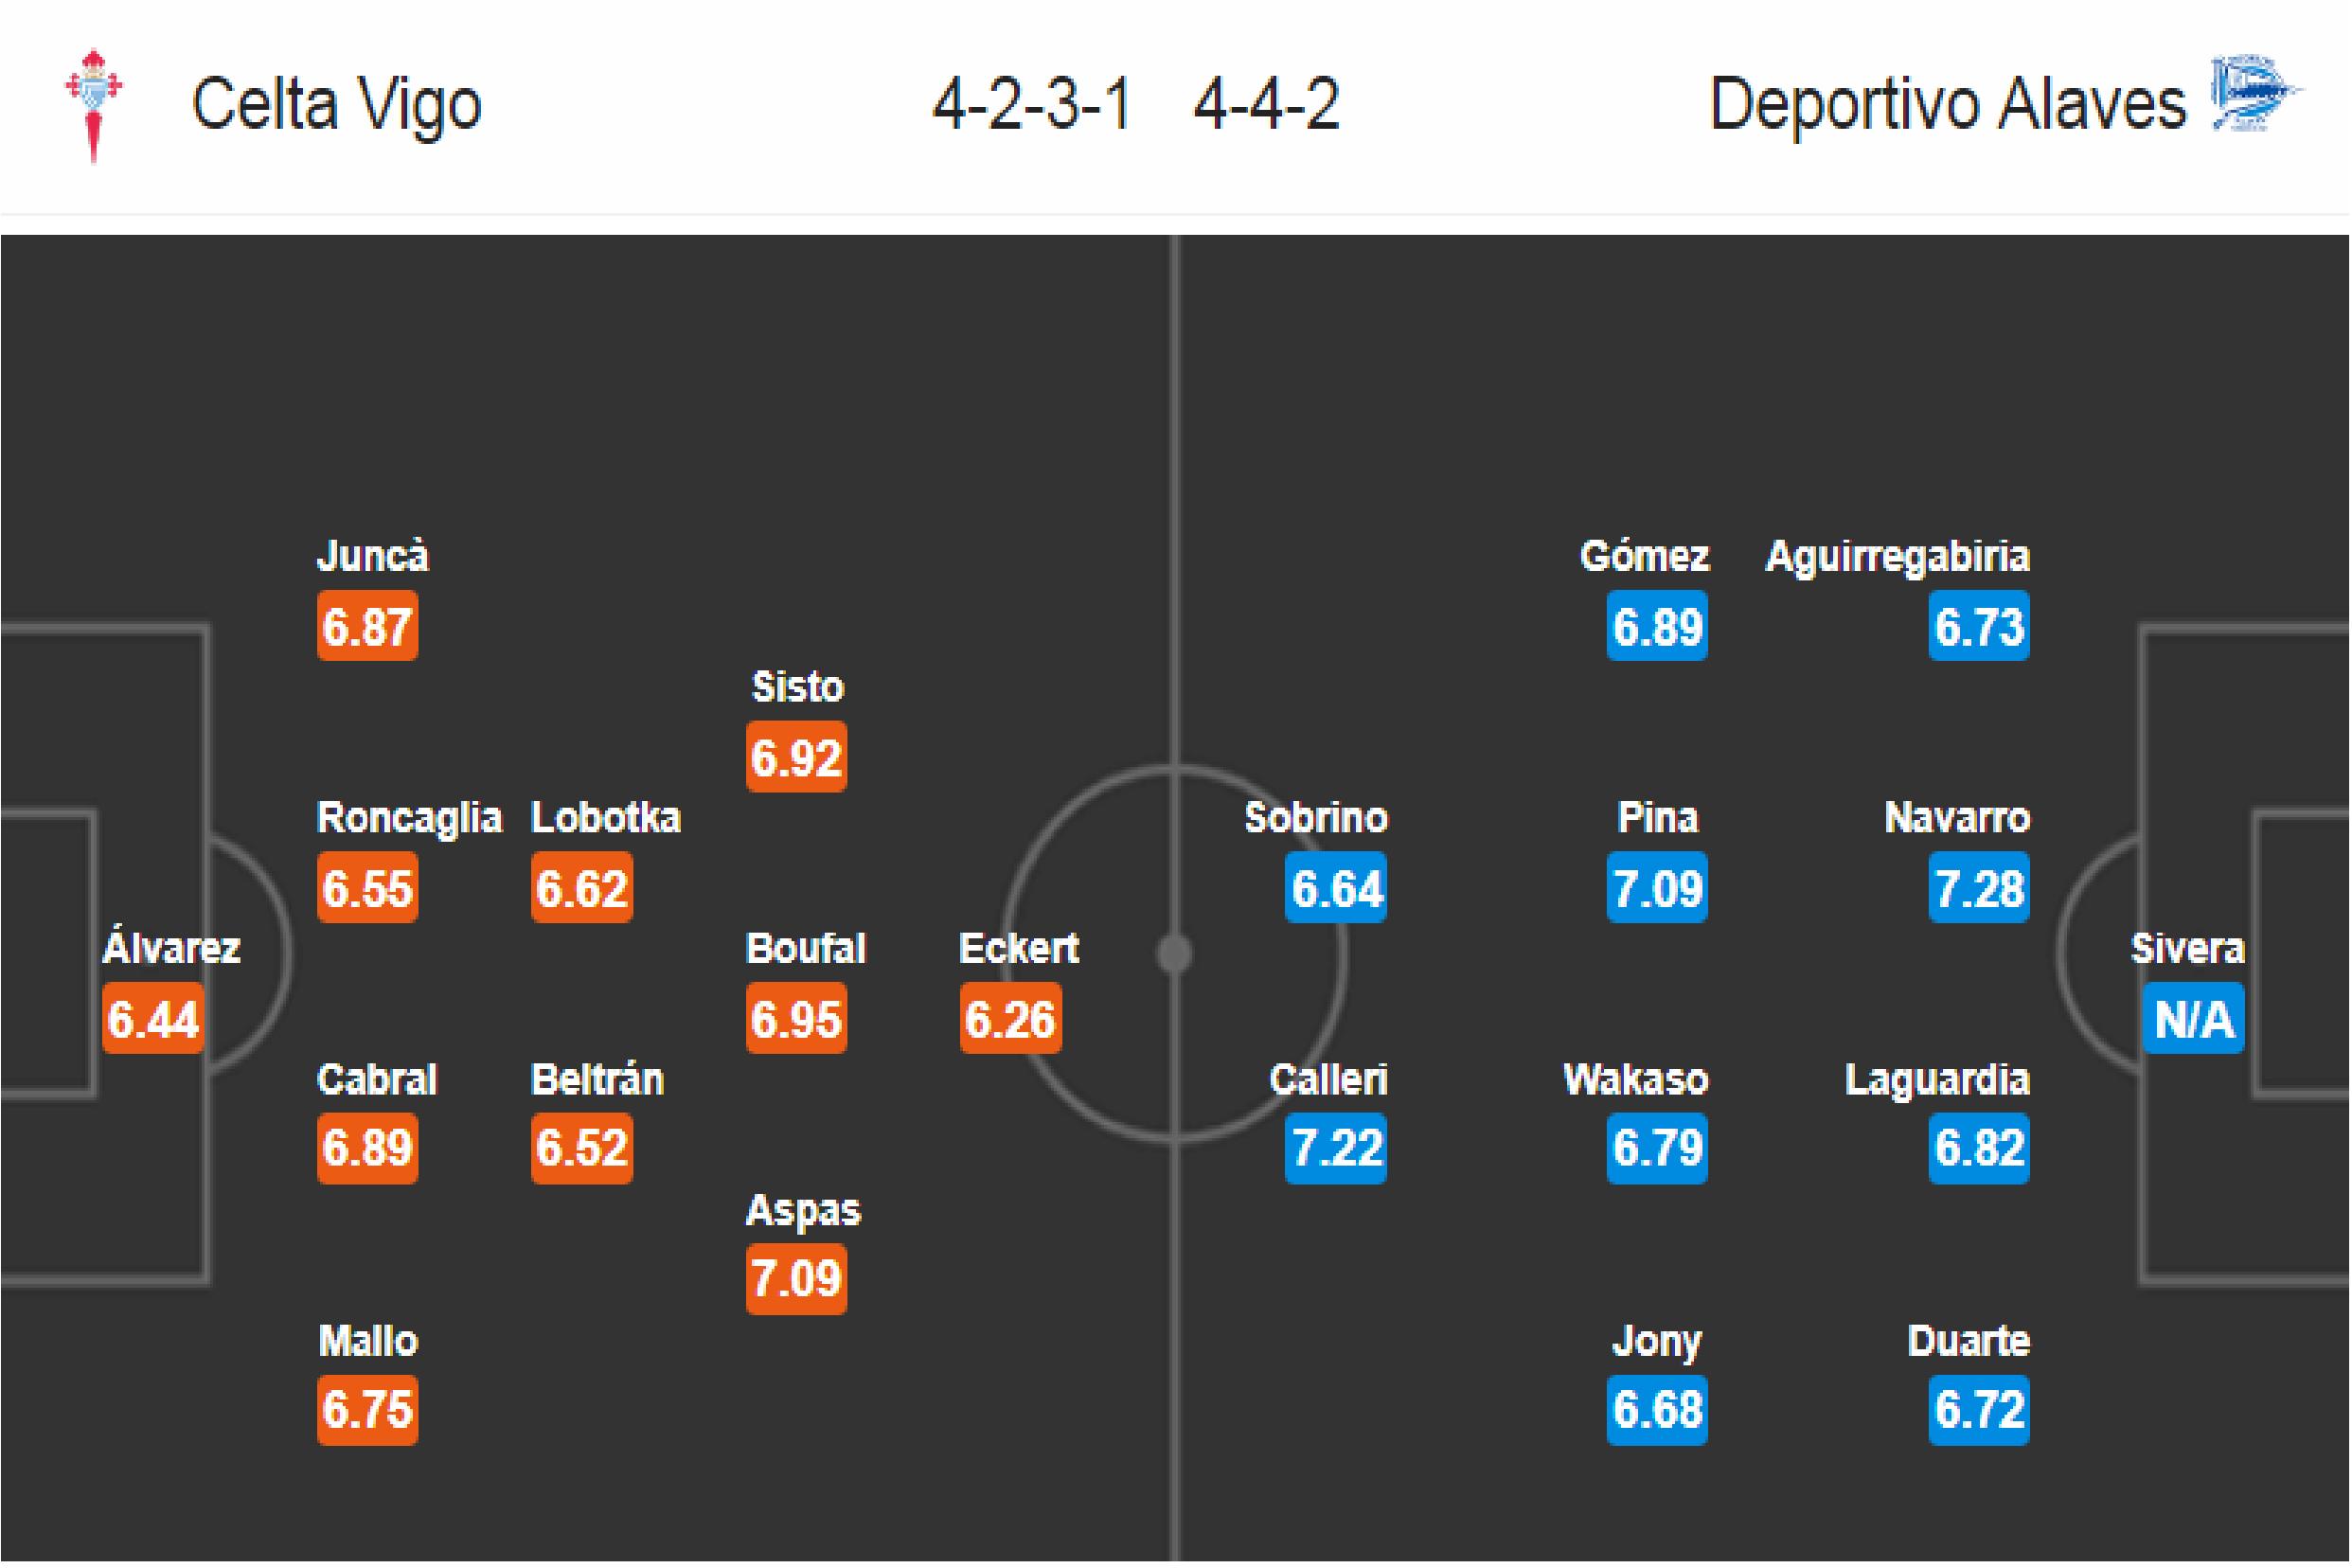 Celta Vigo - Deportivo Alaves